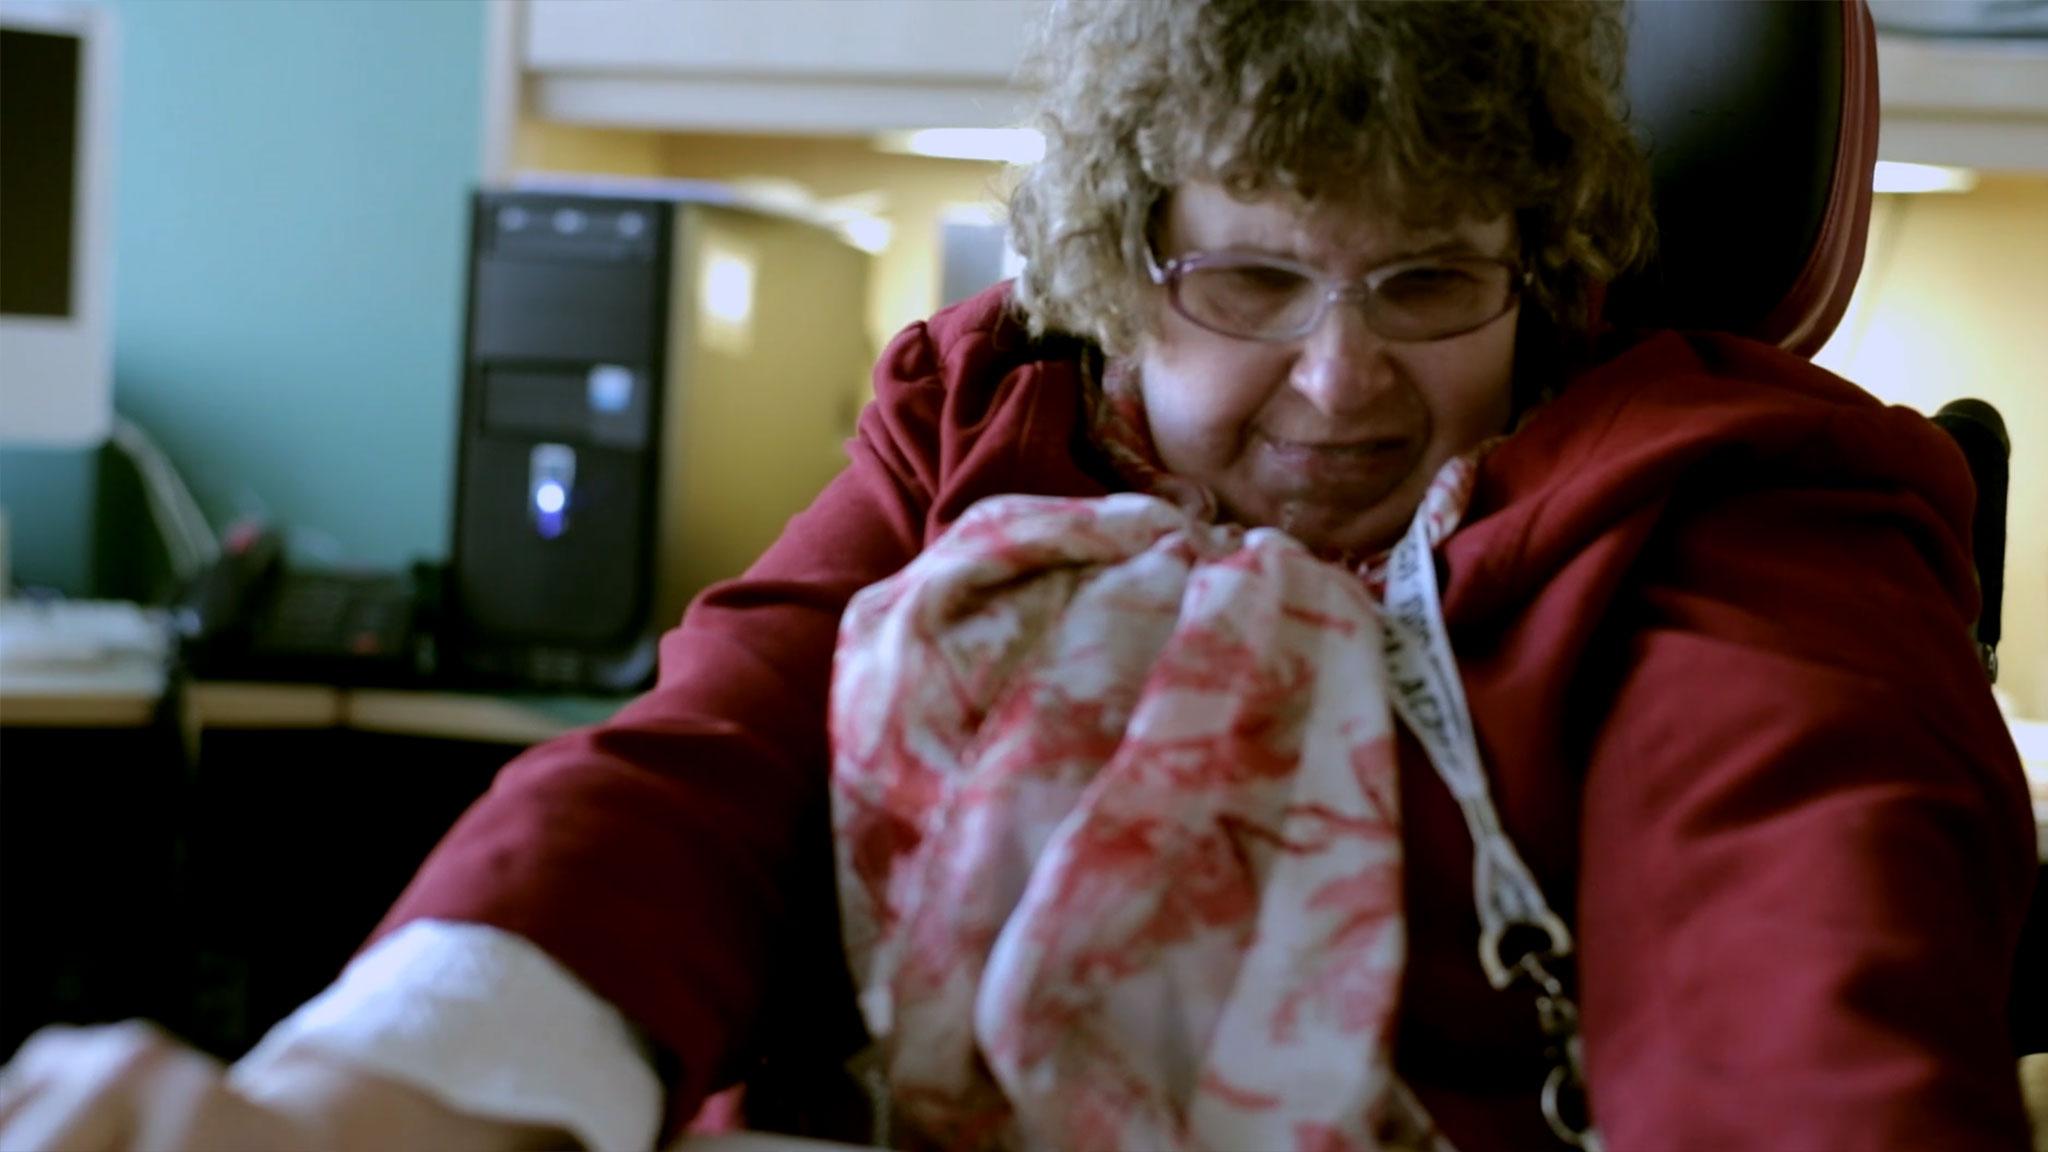 Films sur des personnes handicapées pour les élèves de 15 à 18 ans